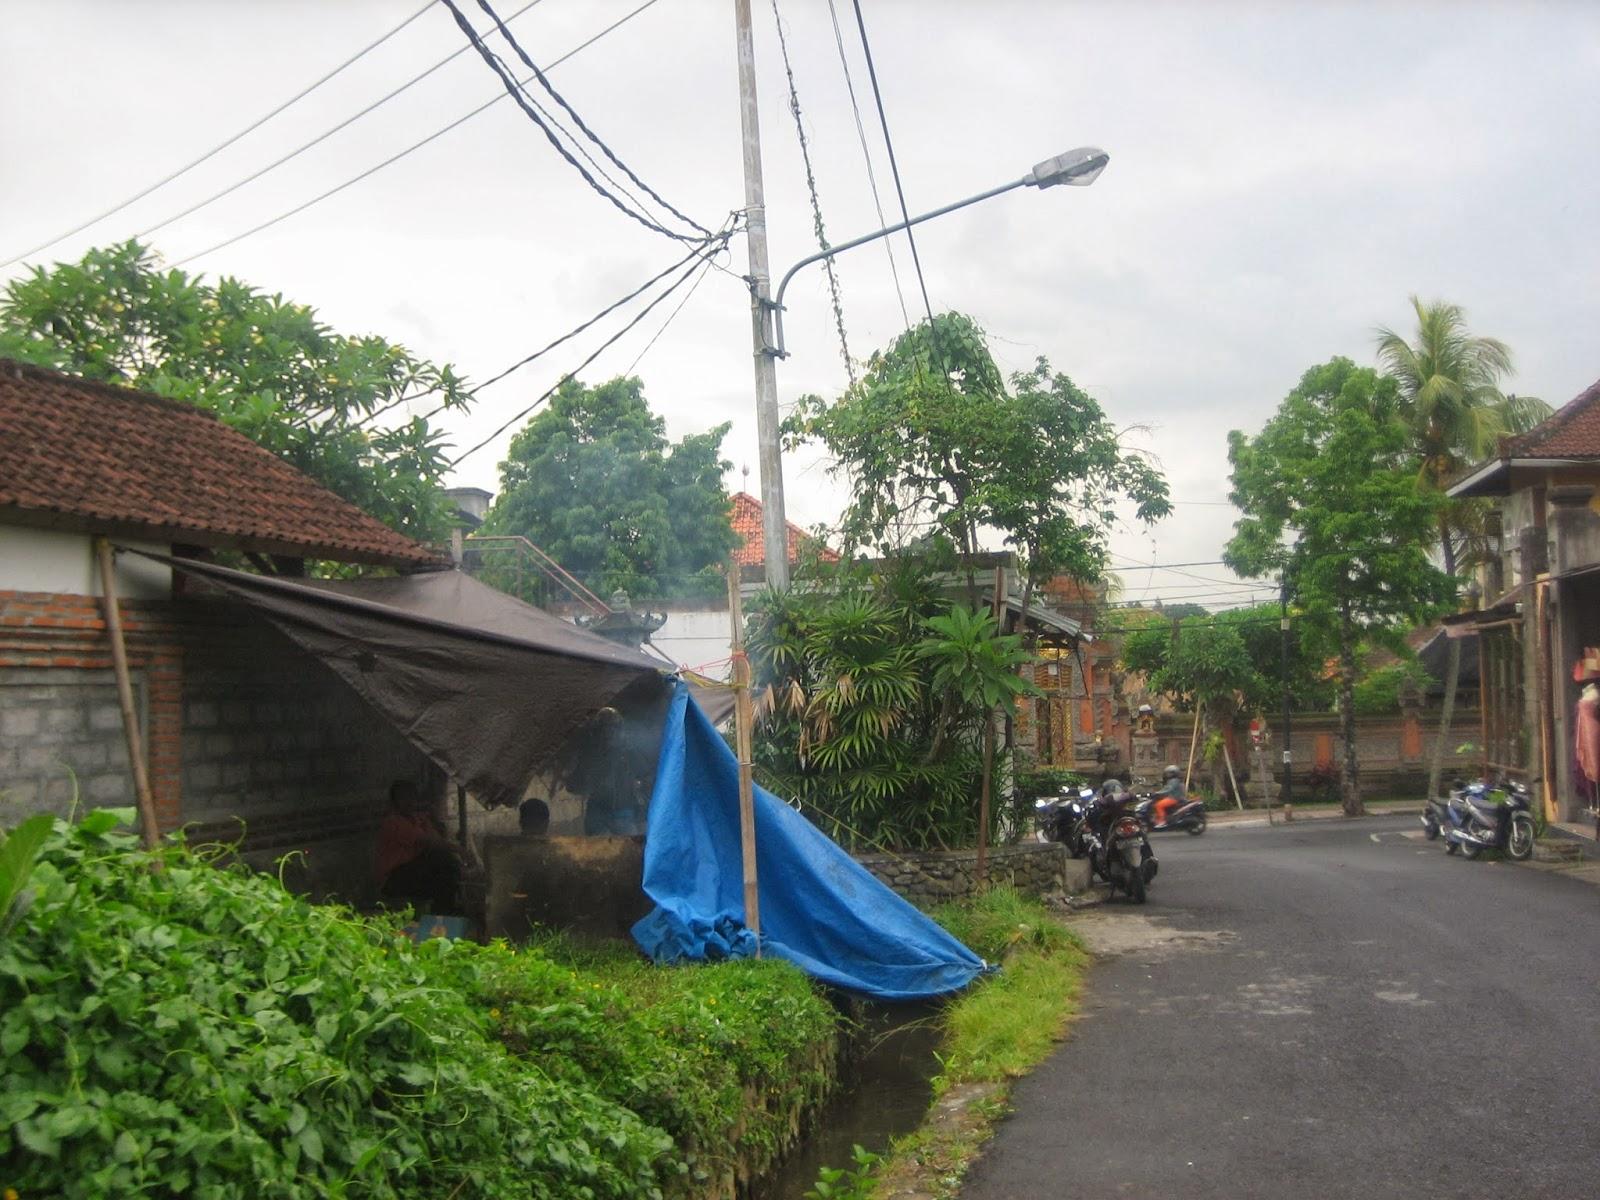 ubud-bali-street-food-satay-restaurant